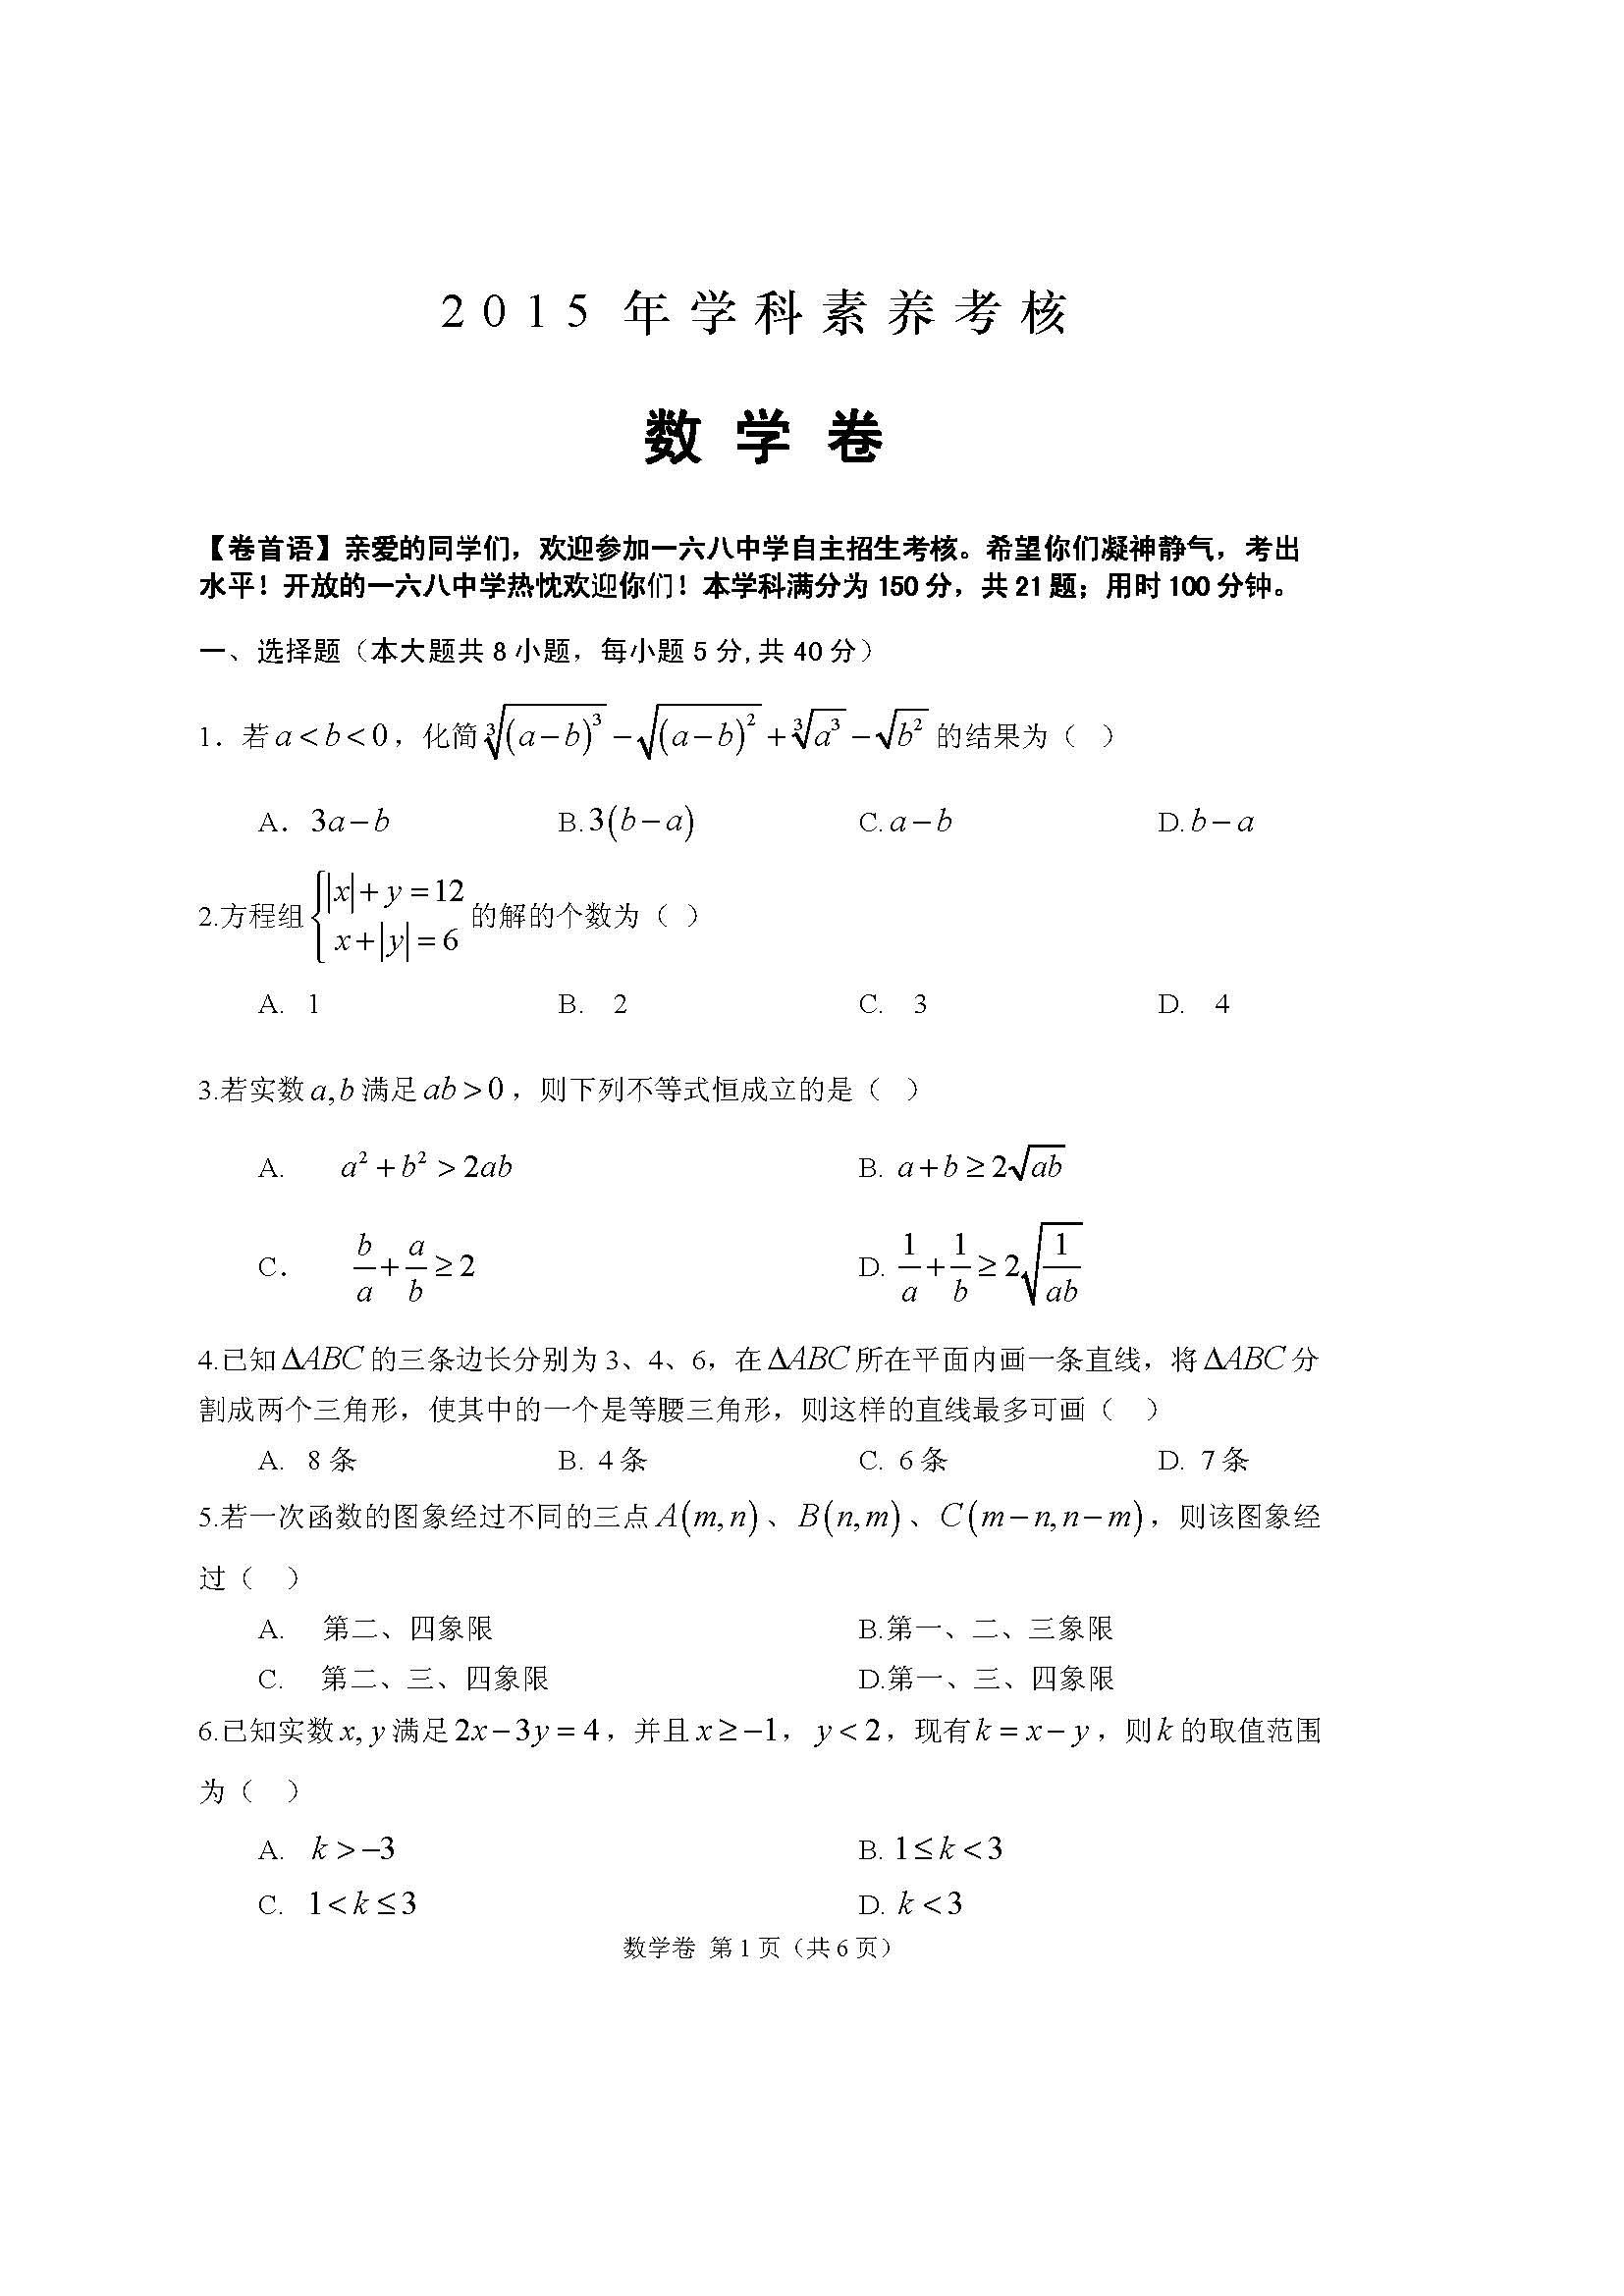 2015合肥168中自主招生数学试题及答案(图片版)